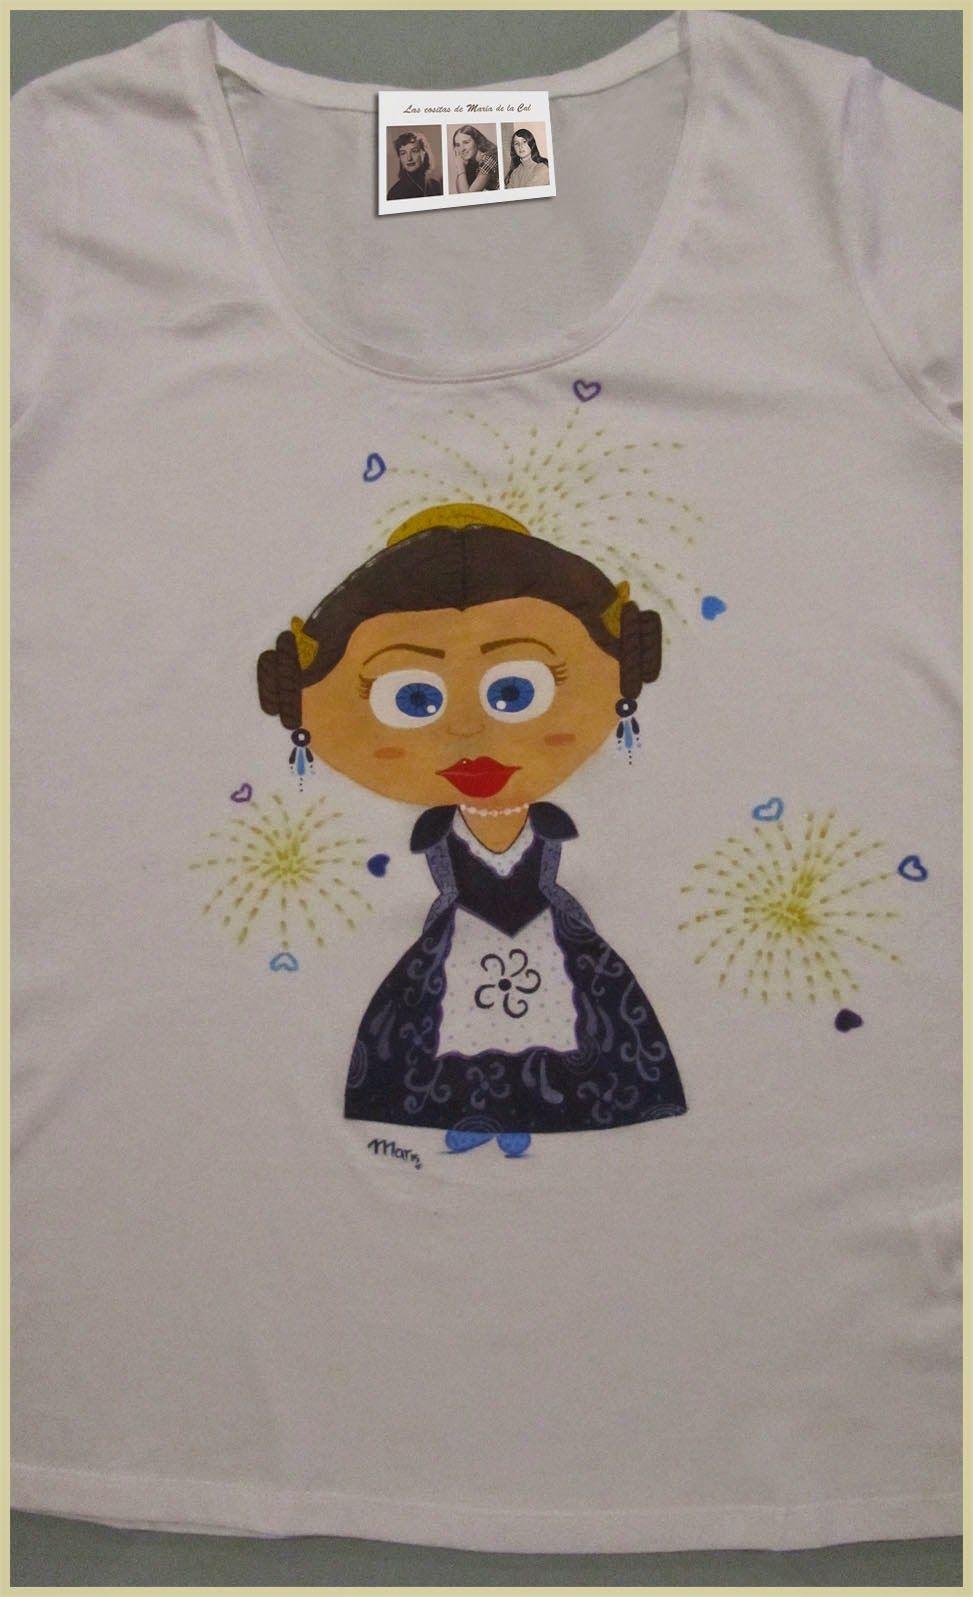 5acb58f72 Finalizamos la semana con ésta camiseta personaliza para la hija de Amparo  en Valencia la disfrute en sus fiestas .